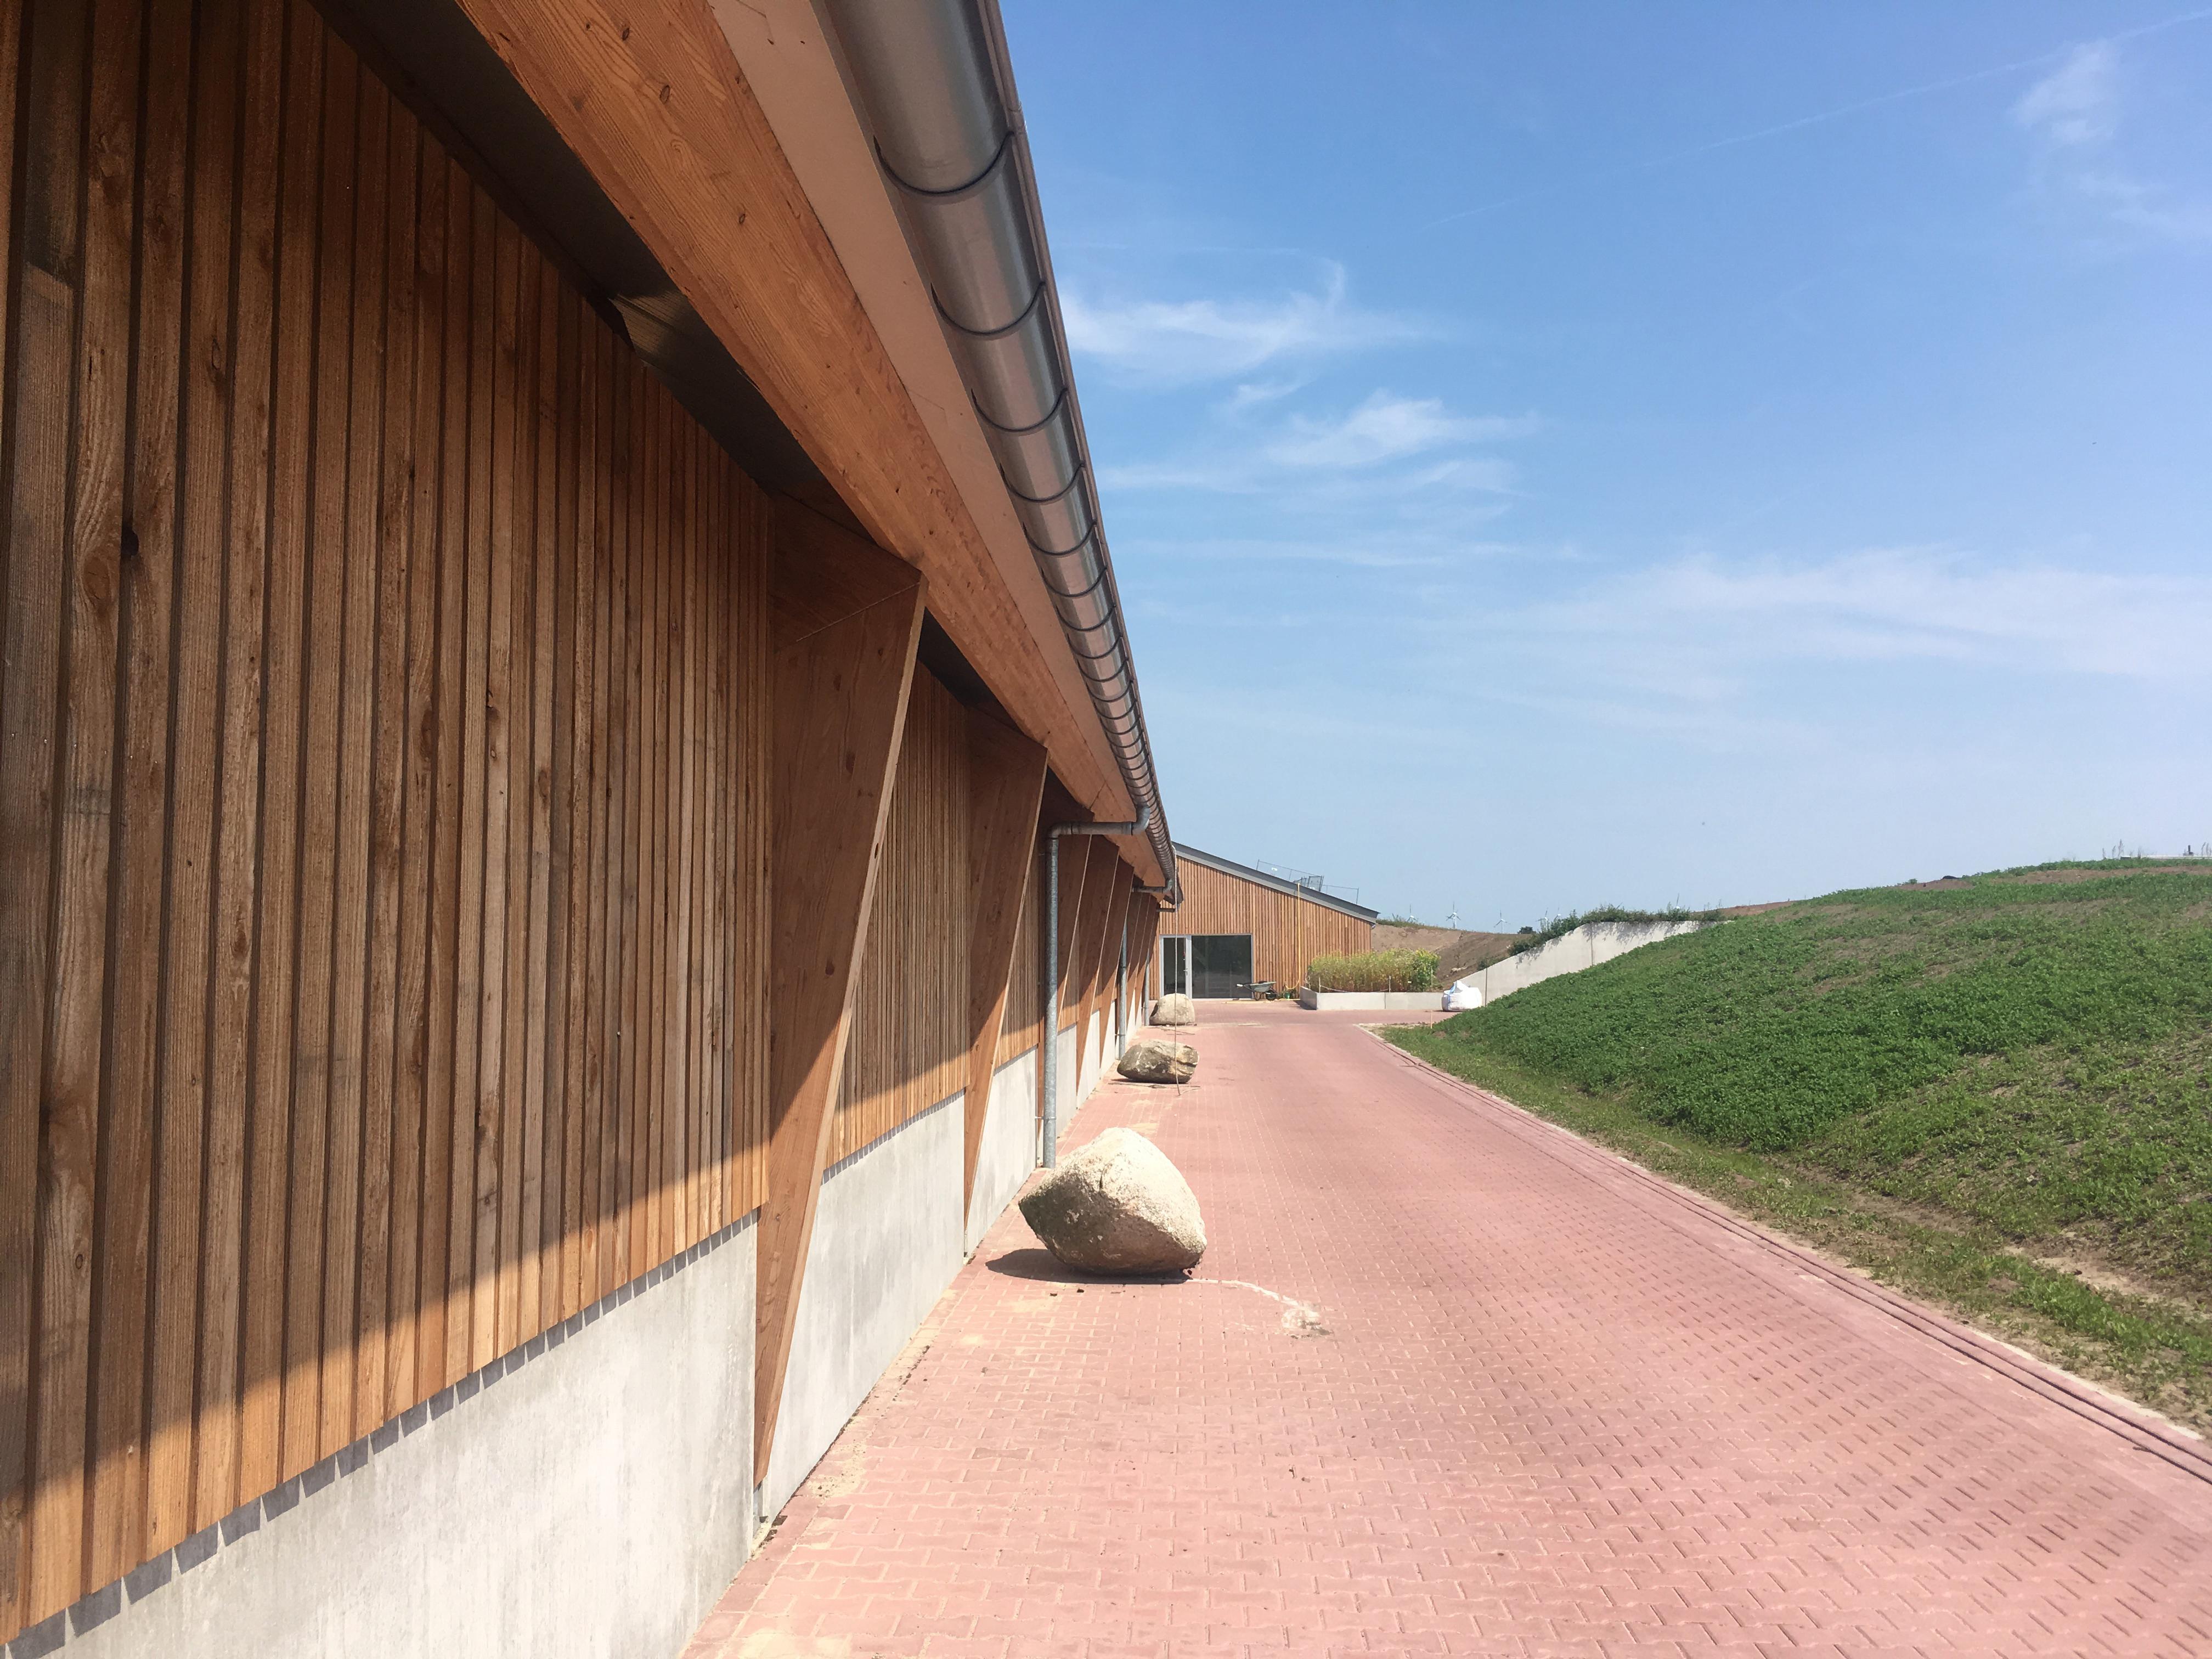 <p>De oprit naar het boerenerf. Op de plek van de glooiende heuvels was in eerste instantie een betonnen wand bedacht, maar DAAD zag hiervan af en gat het terrein een opener uitstraling. Beeld Walter Frisart FOTOwerk</p>